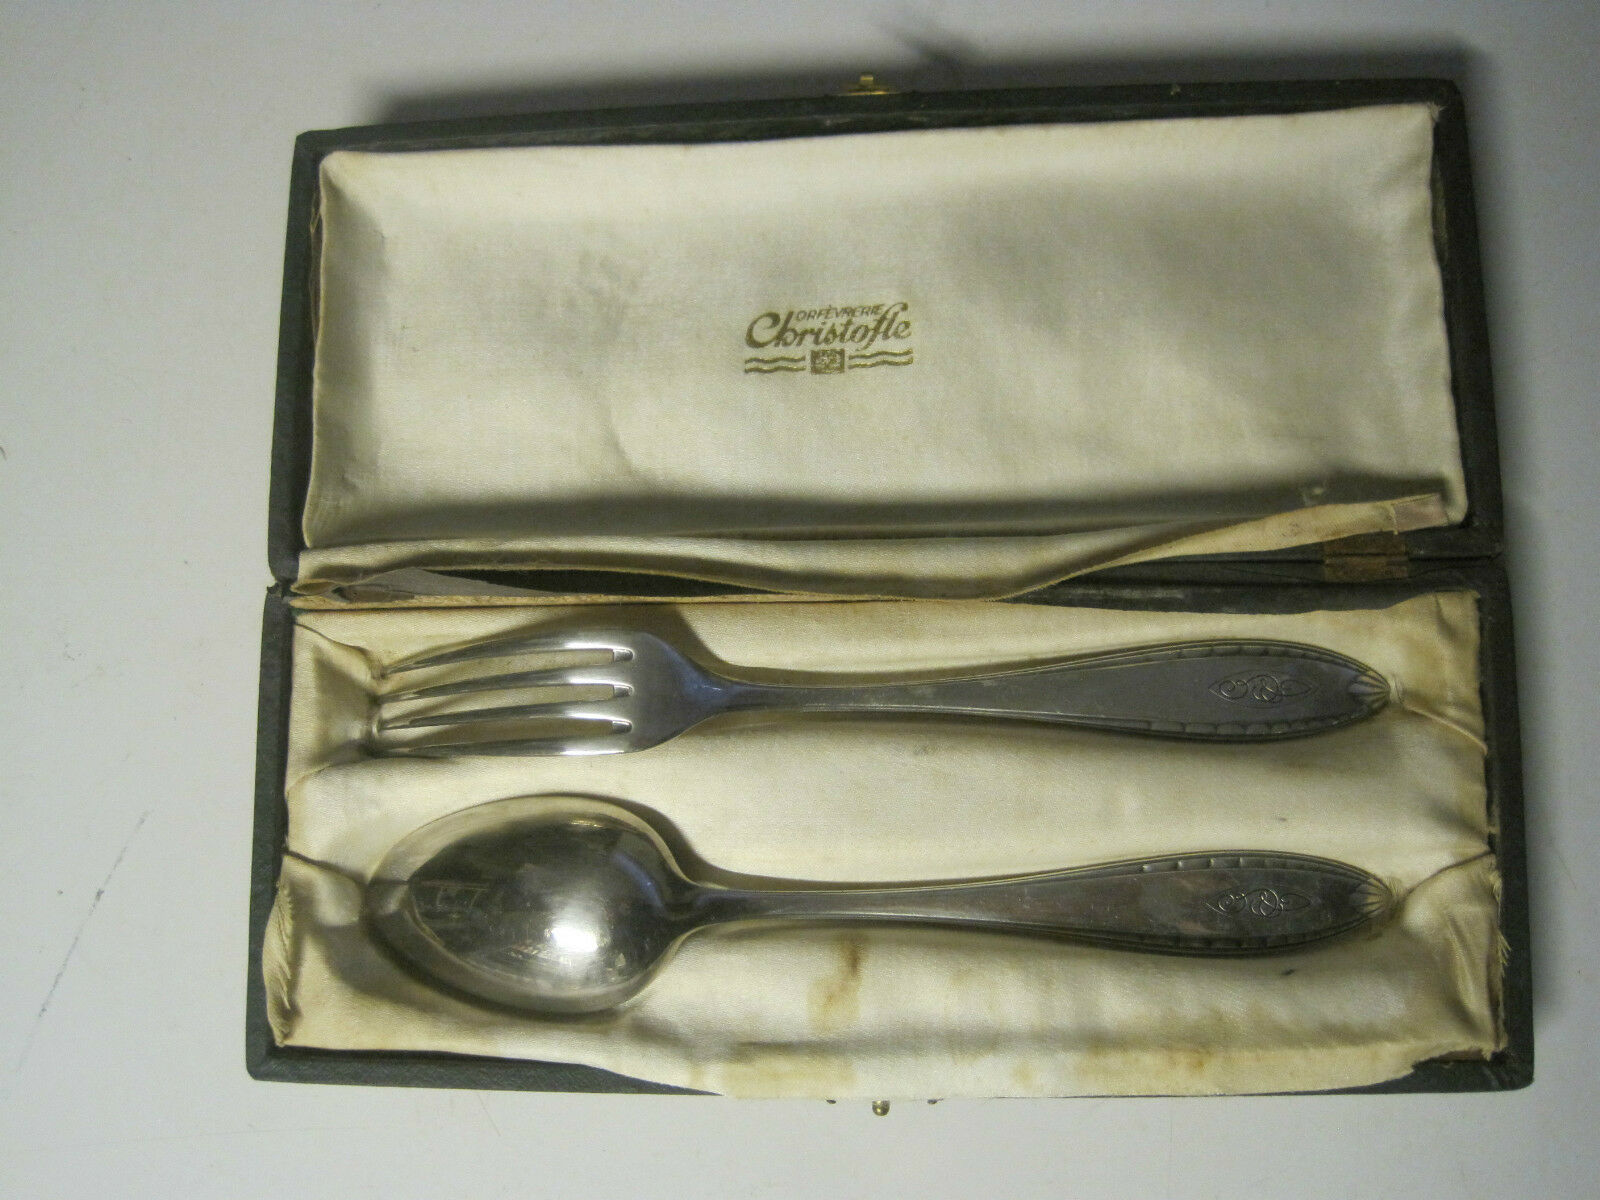 Ancien , service de cougreen en métal silveré christofle , initiale G-C